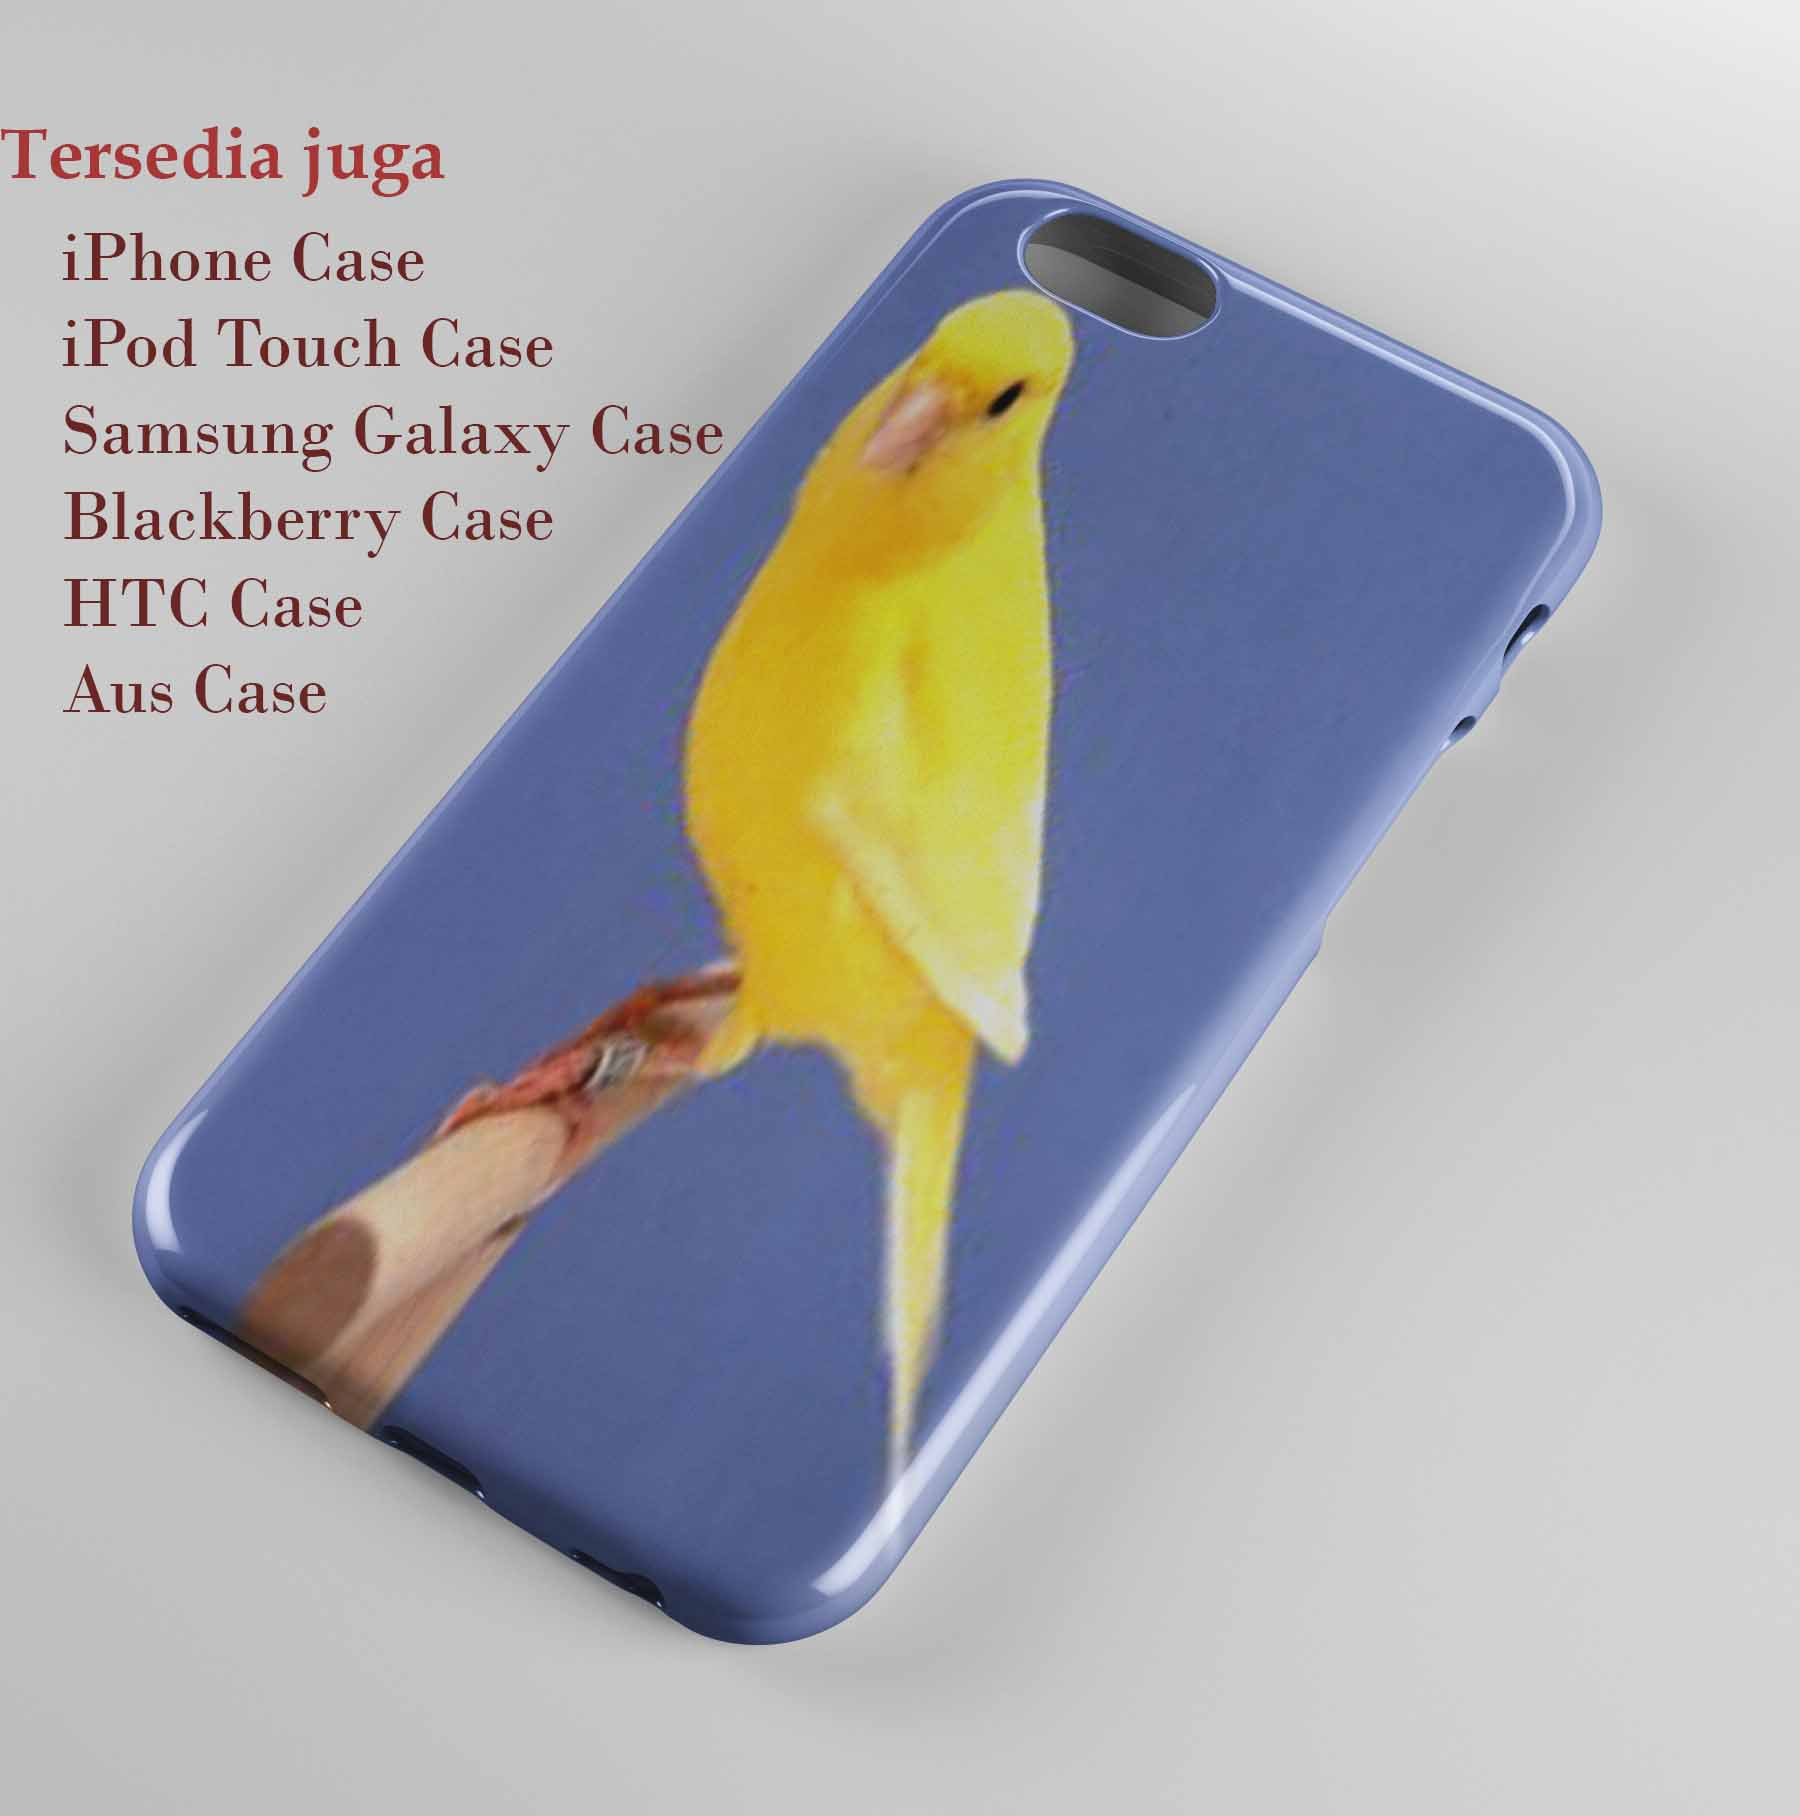 burung kenari,iphone case, semua hp